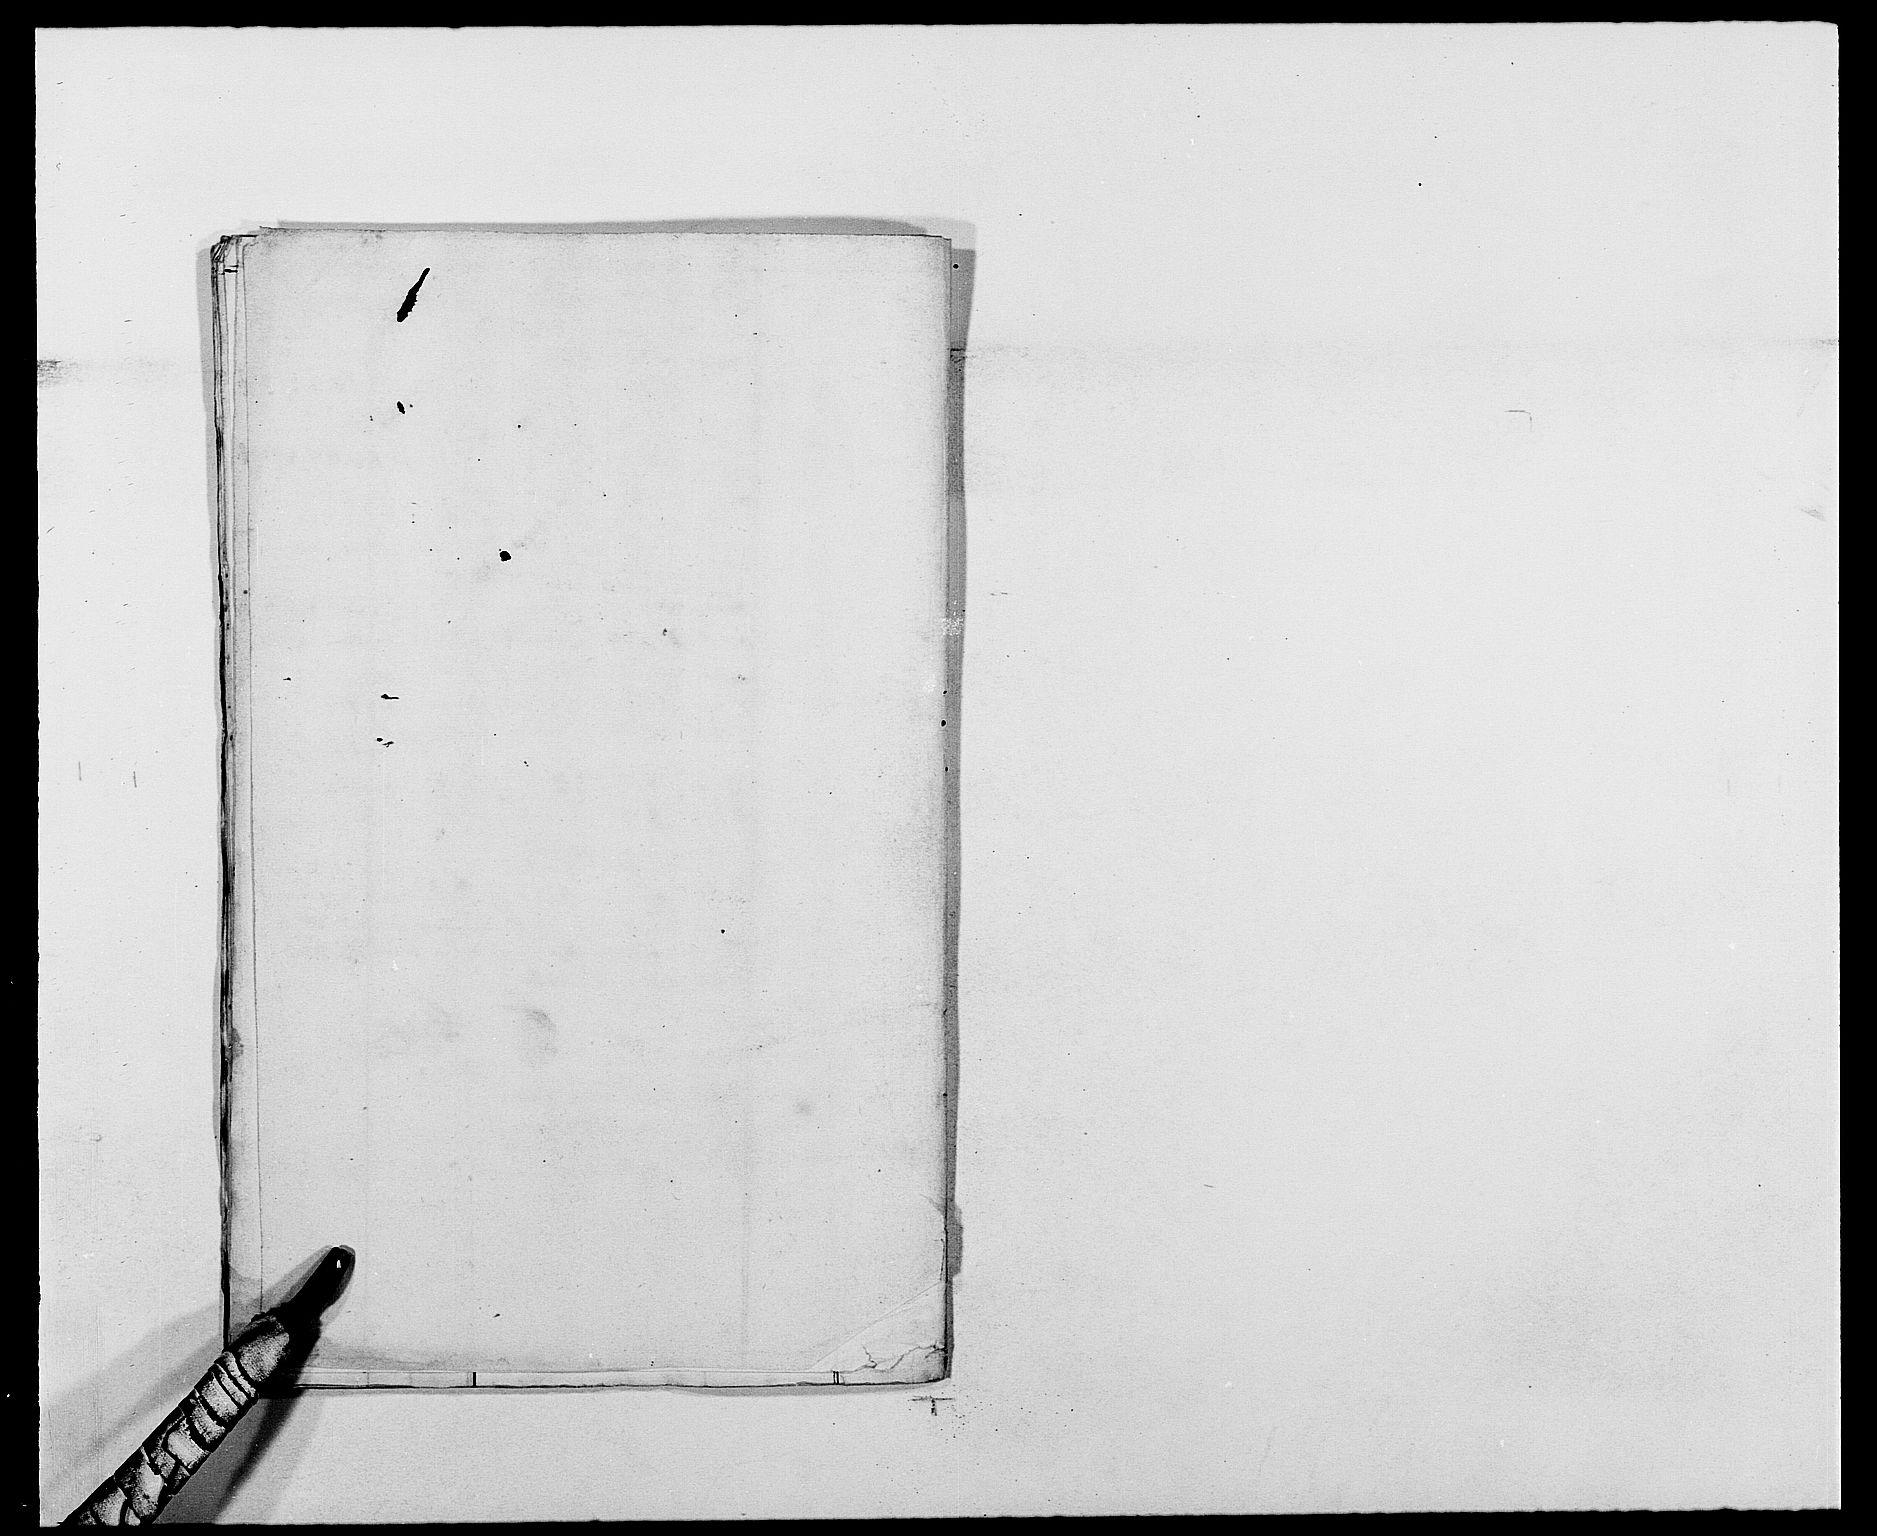 RA, Rentekammeret inntil 1814, Reviderte regnskaper, Fogderegnskap, R01/L0001: Fogderegnskap Idd og Marker, 1678-1679, s. 470